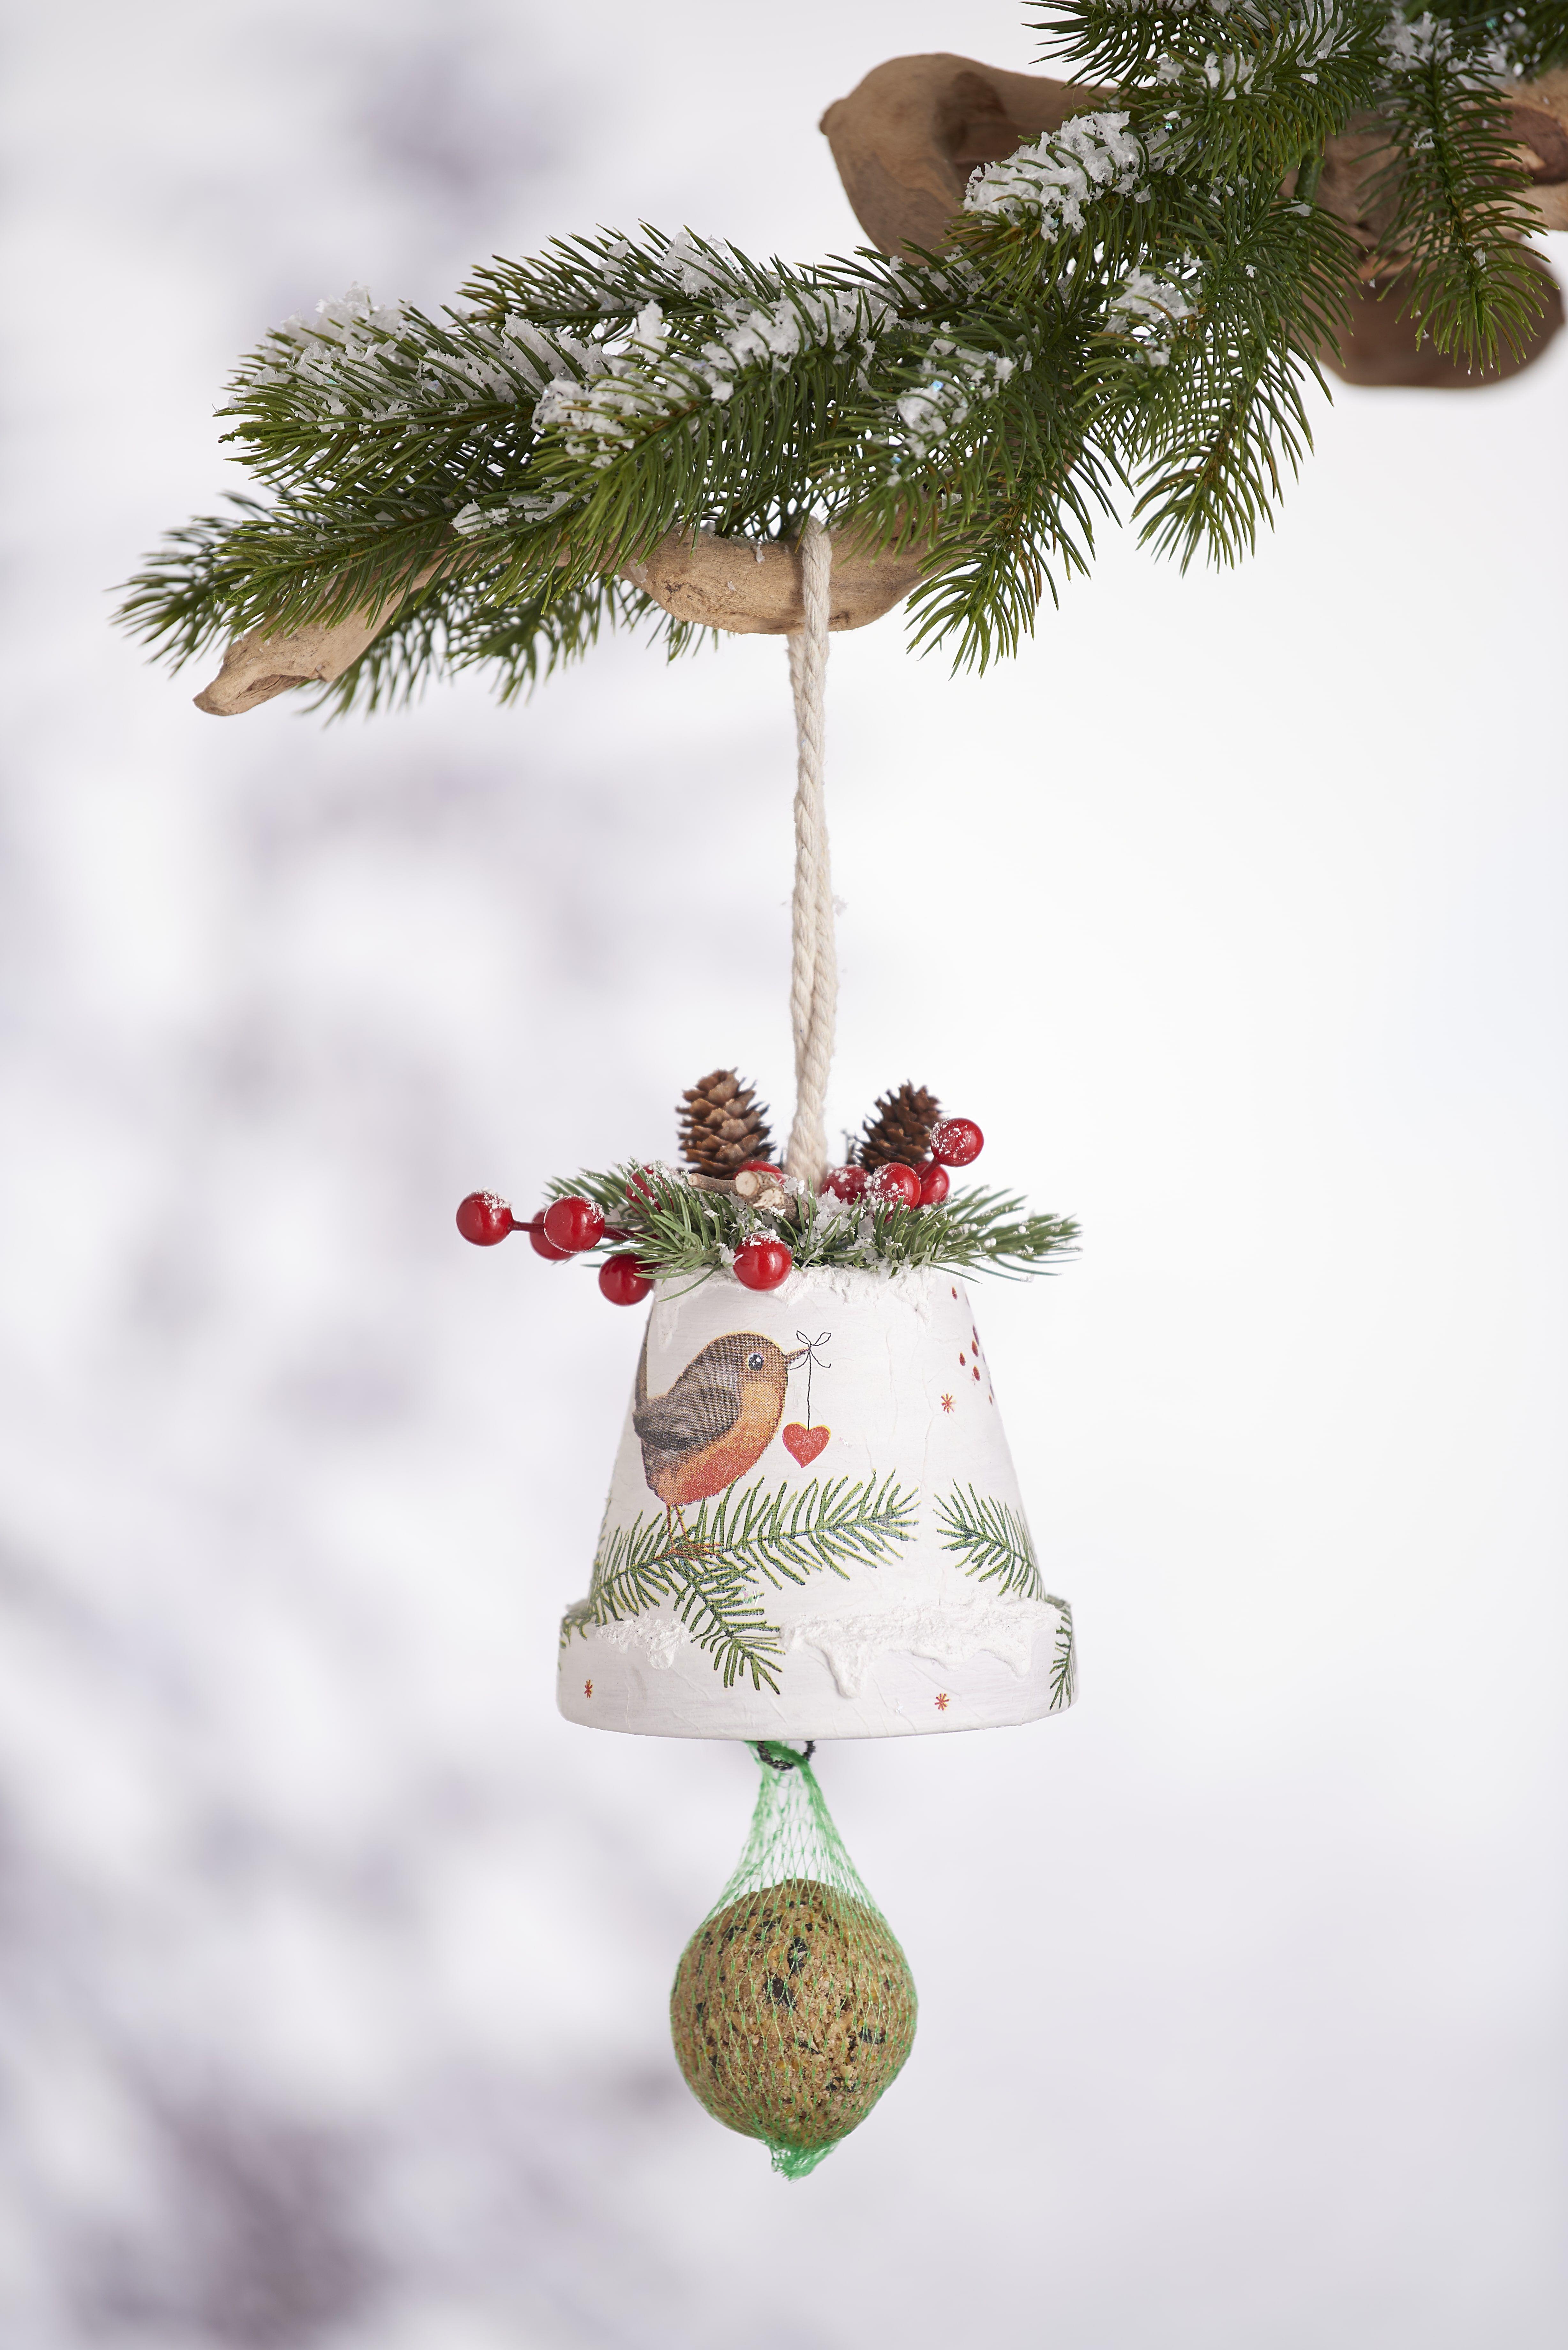 Vogelfutterglocke aus einem Terrakotta-Topf unf Serviettentechnik #weihnachtendekorationdraussengarten